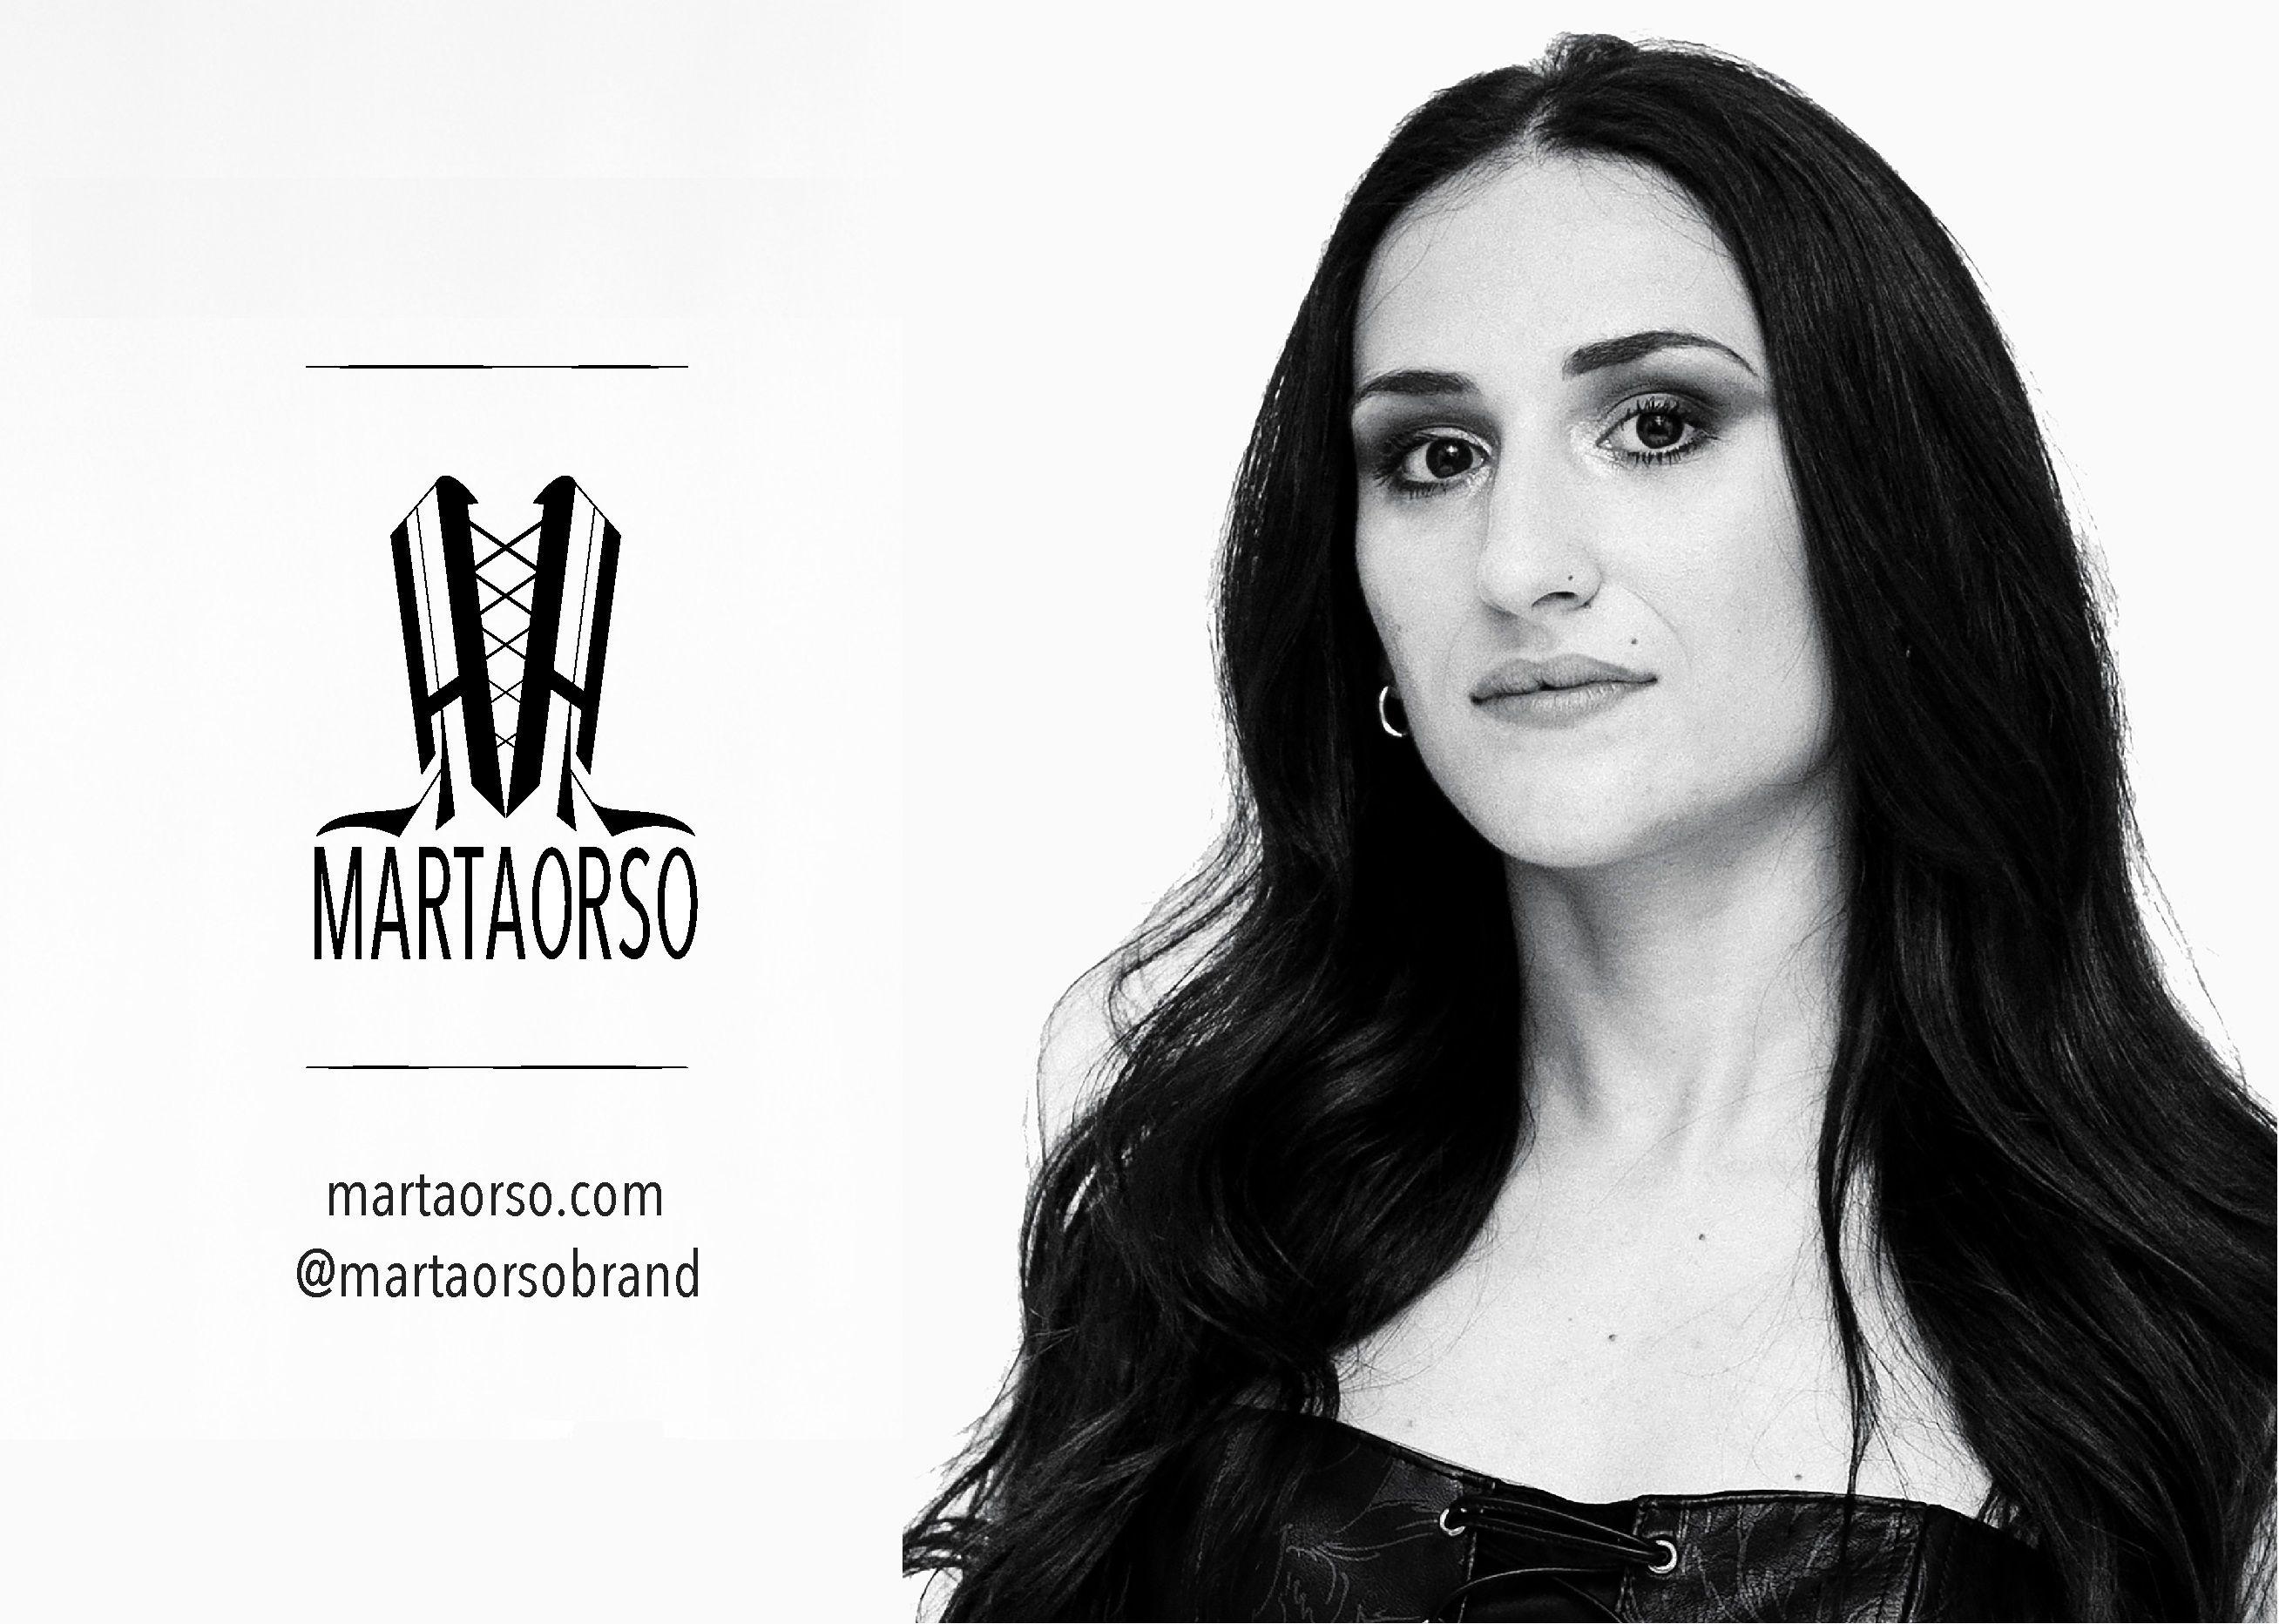 AGLIE' - La moda che fa tendenza è made in Canavese col brand della giovane stilista e imprenditrice Marta Orso